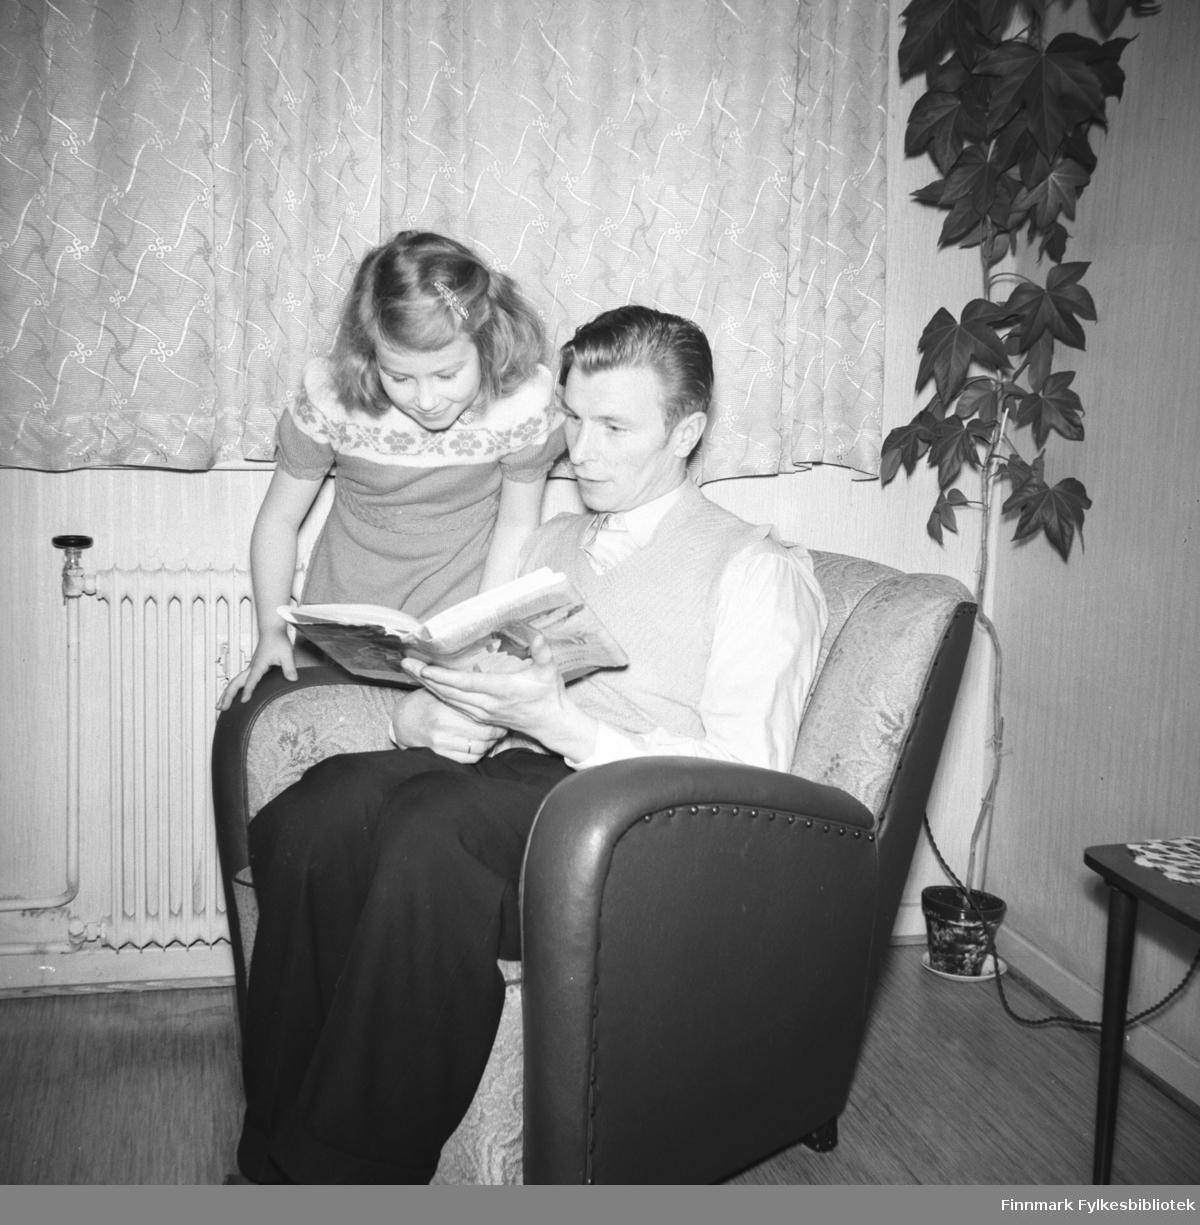 Eino Drannem med sin datter Turid Lillian sitter i lenestolen og leser ei bok